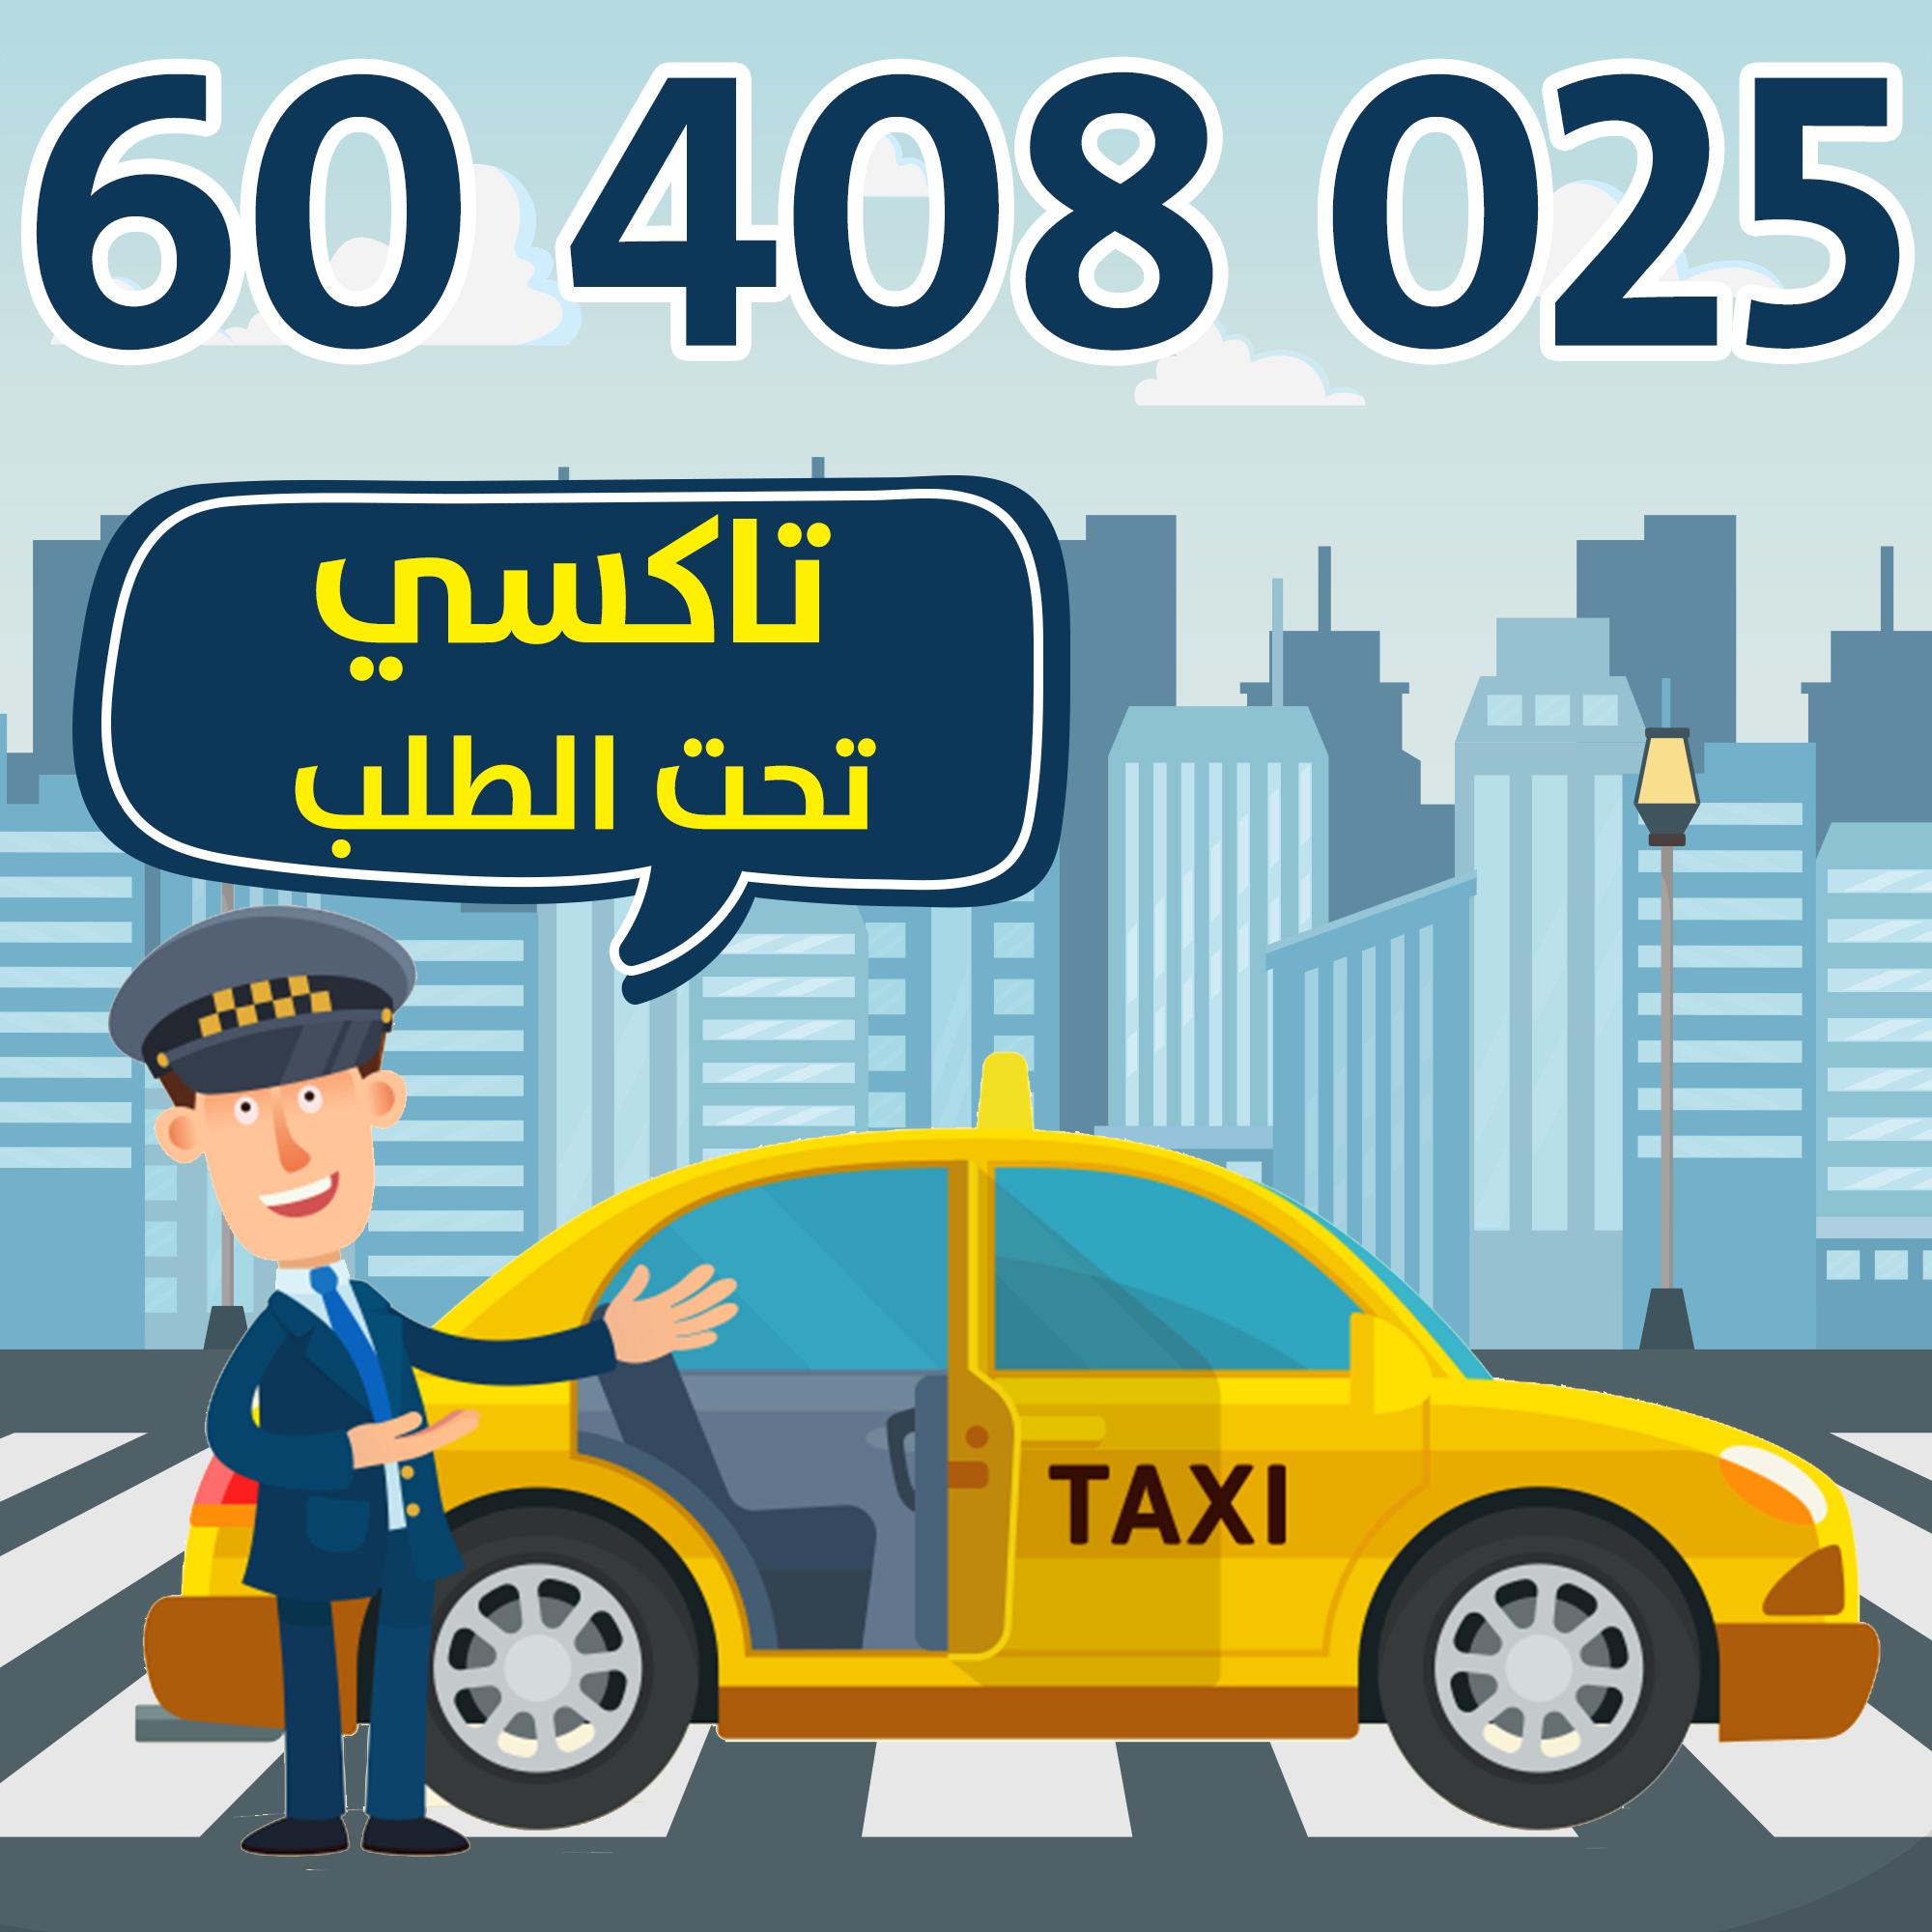 تاكسي توصيلة في شارع أحمد بن حنبل